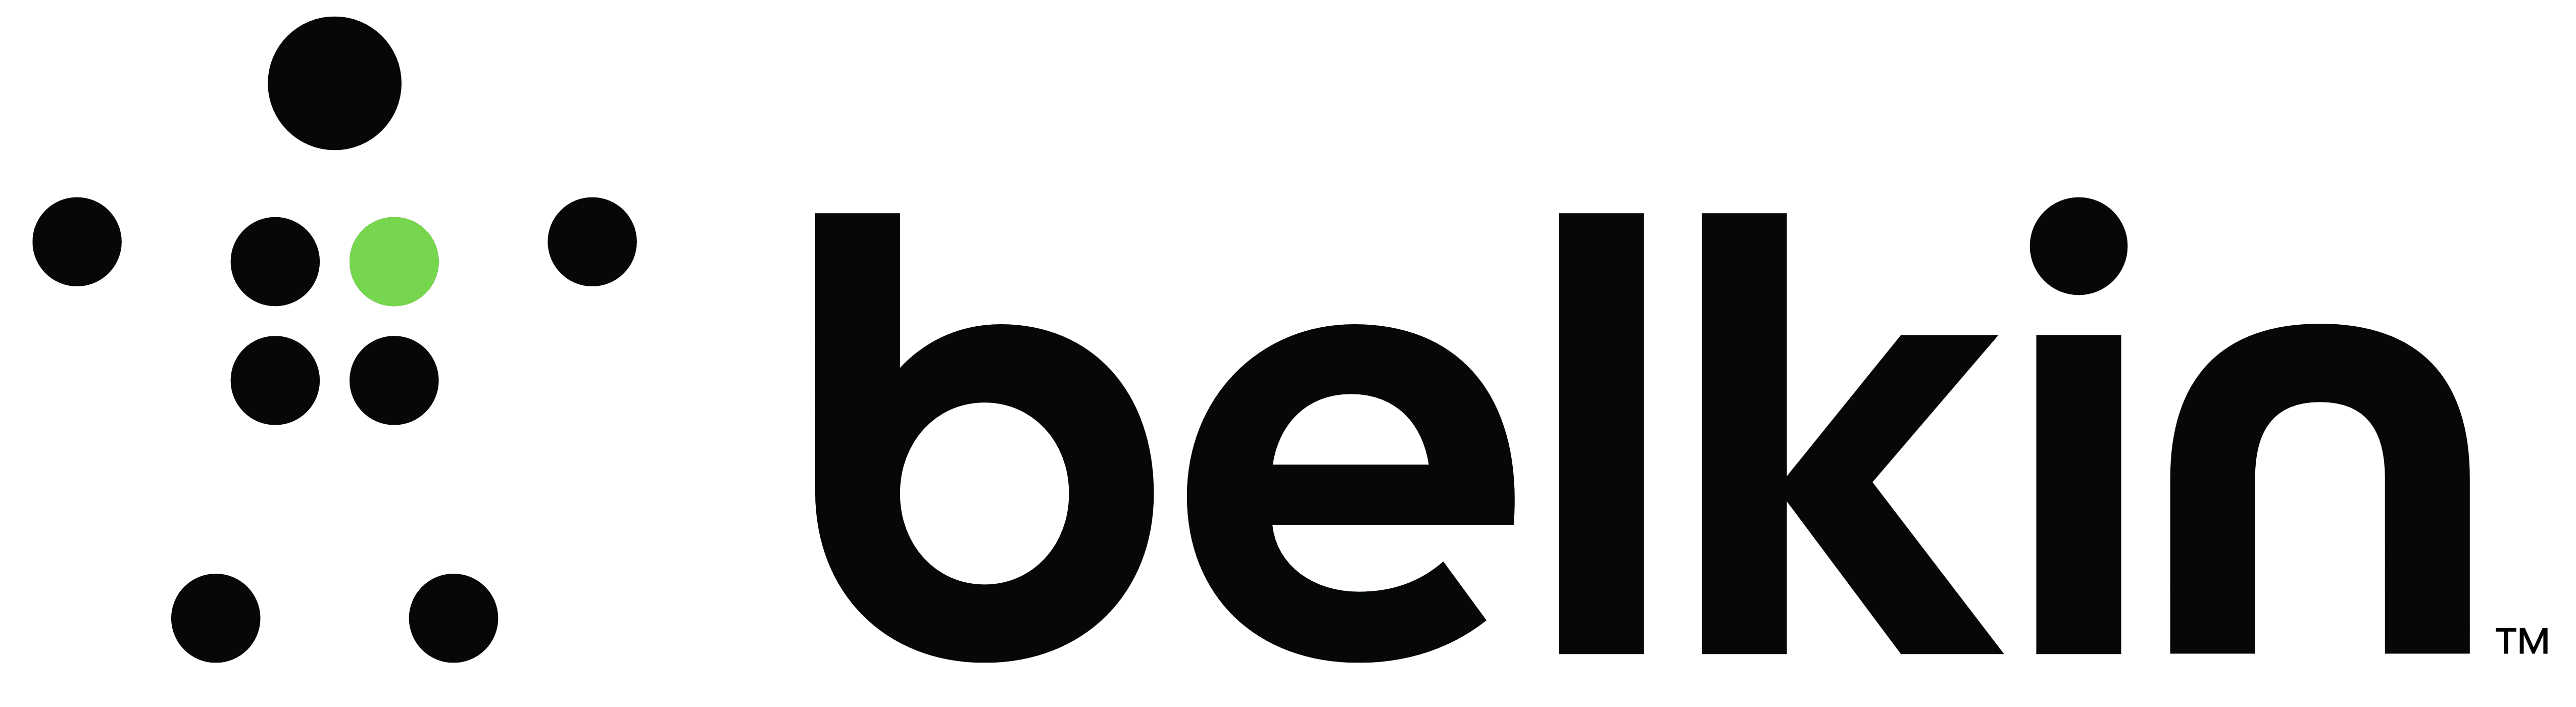 Belkin Extender Setup